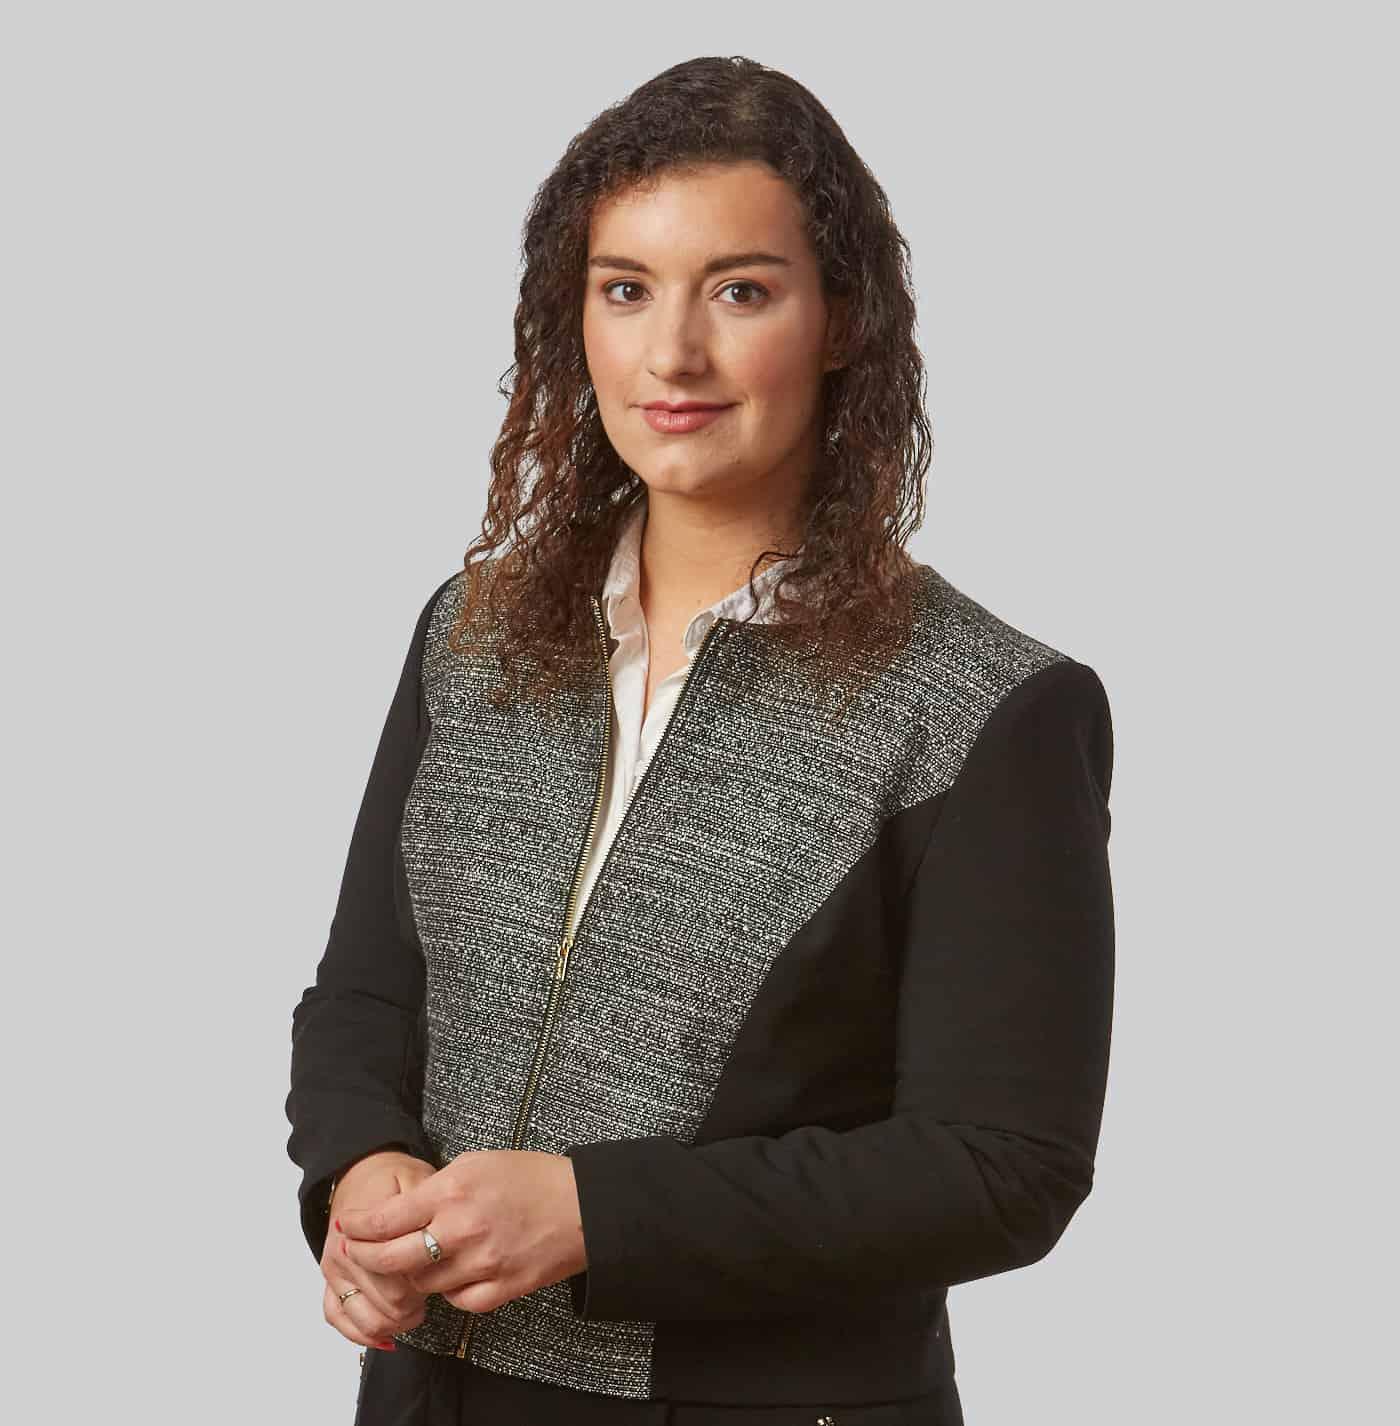 Gwendoline Decat-Beltrami